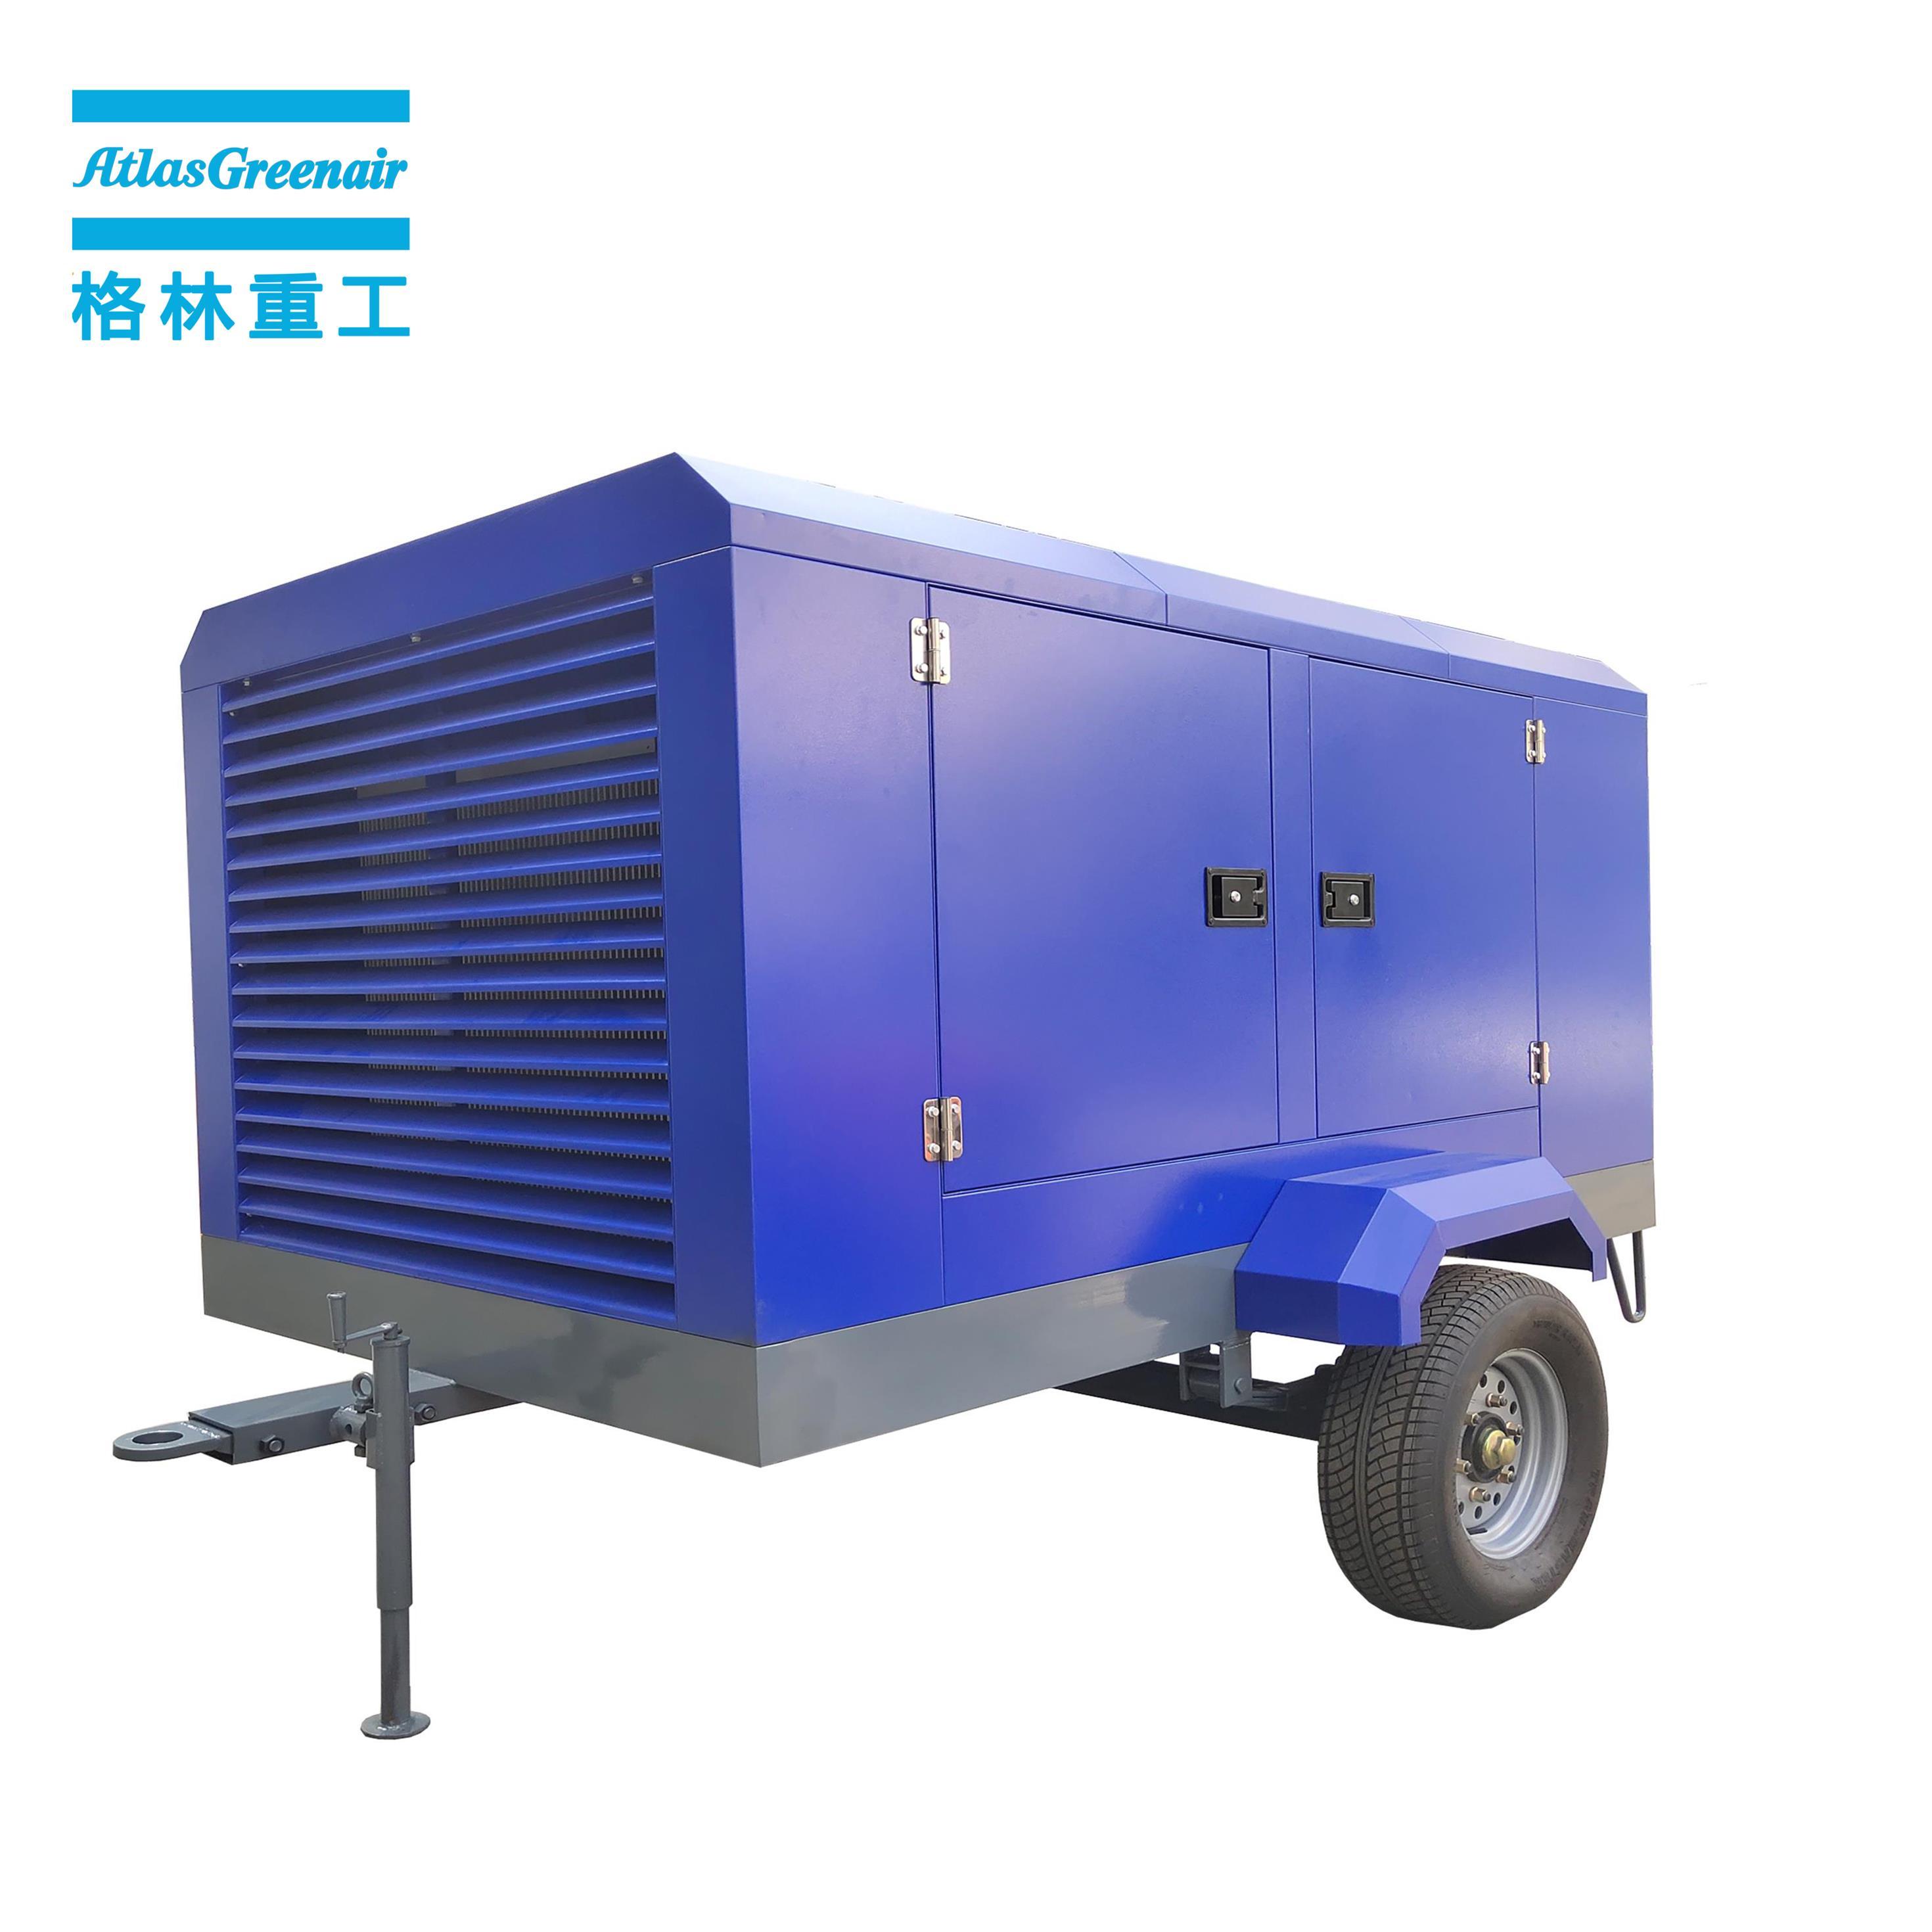 Atlas Greenair Screw Air Compressor wholesale electric rotary screw air compressor with intelligent control system for tropical area-2